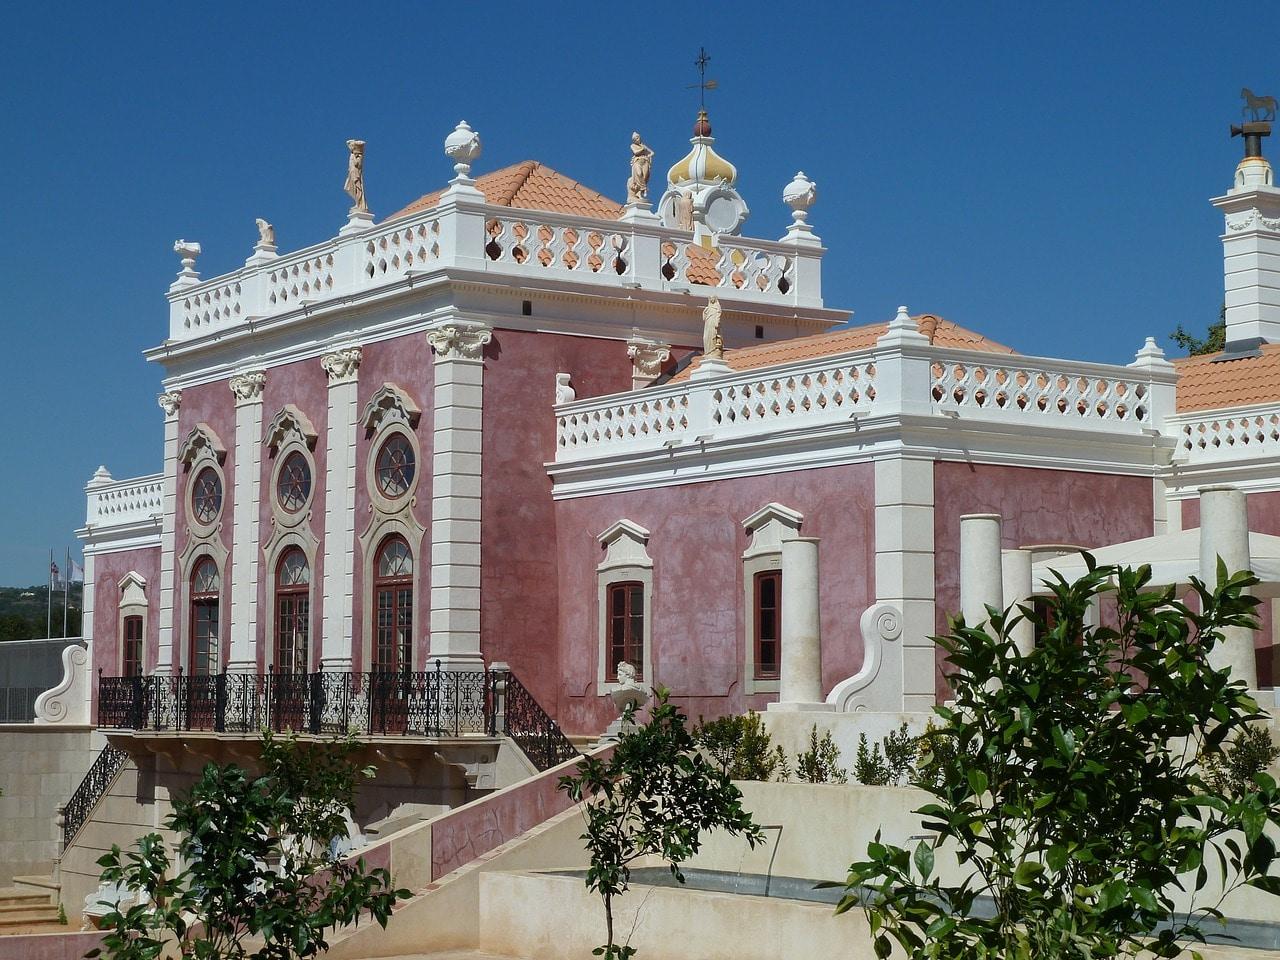 5 jours à Faro au Portugal pour 142€ par personne (vols A/R + hébergement + voiture de location)